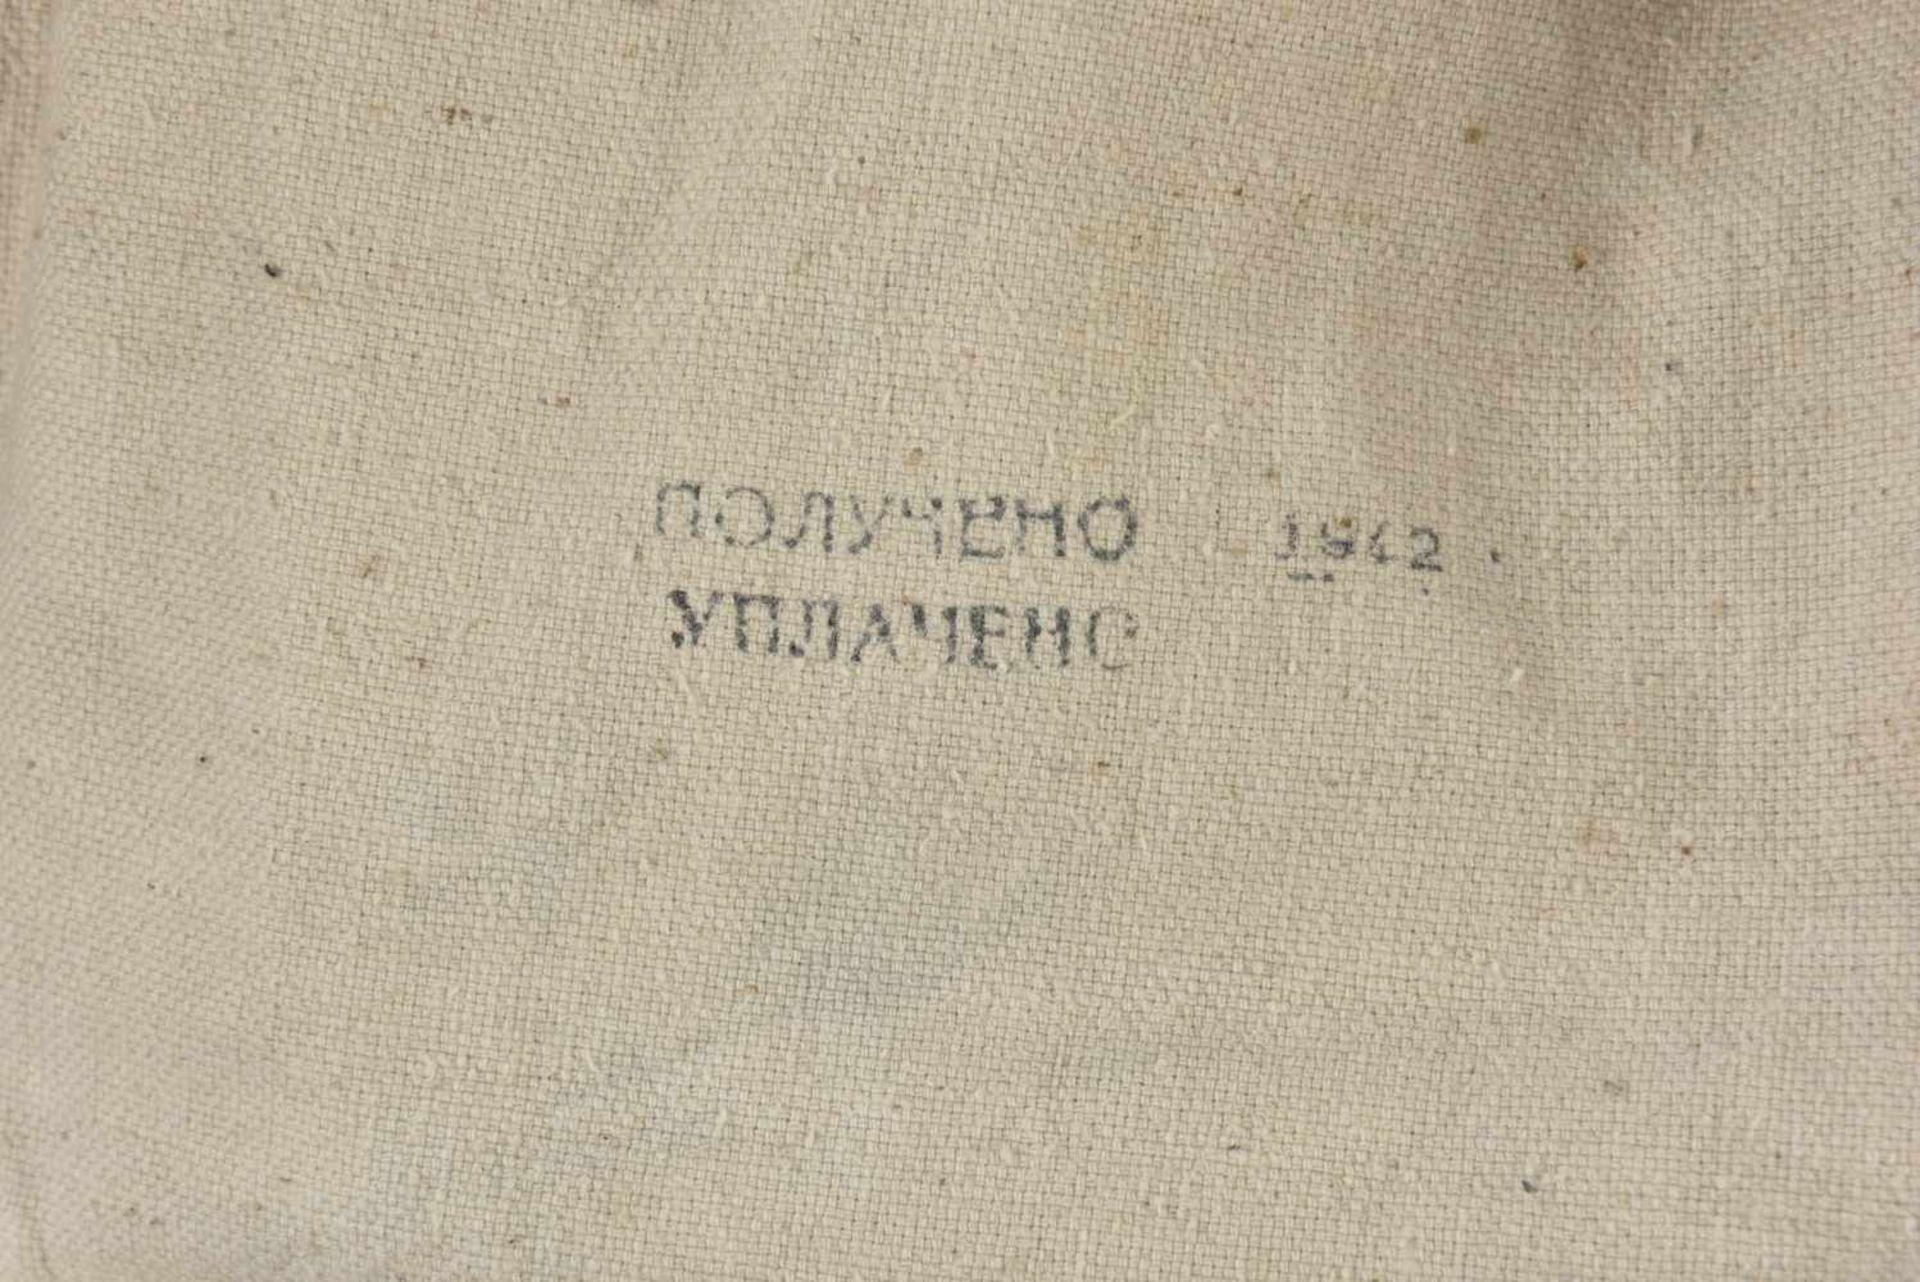 Los 1695 - Gymnasterka M.22 des transmissions blanche, avec ses pattes de col, parements de poitrine, insigne